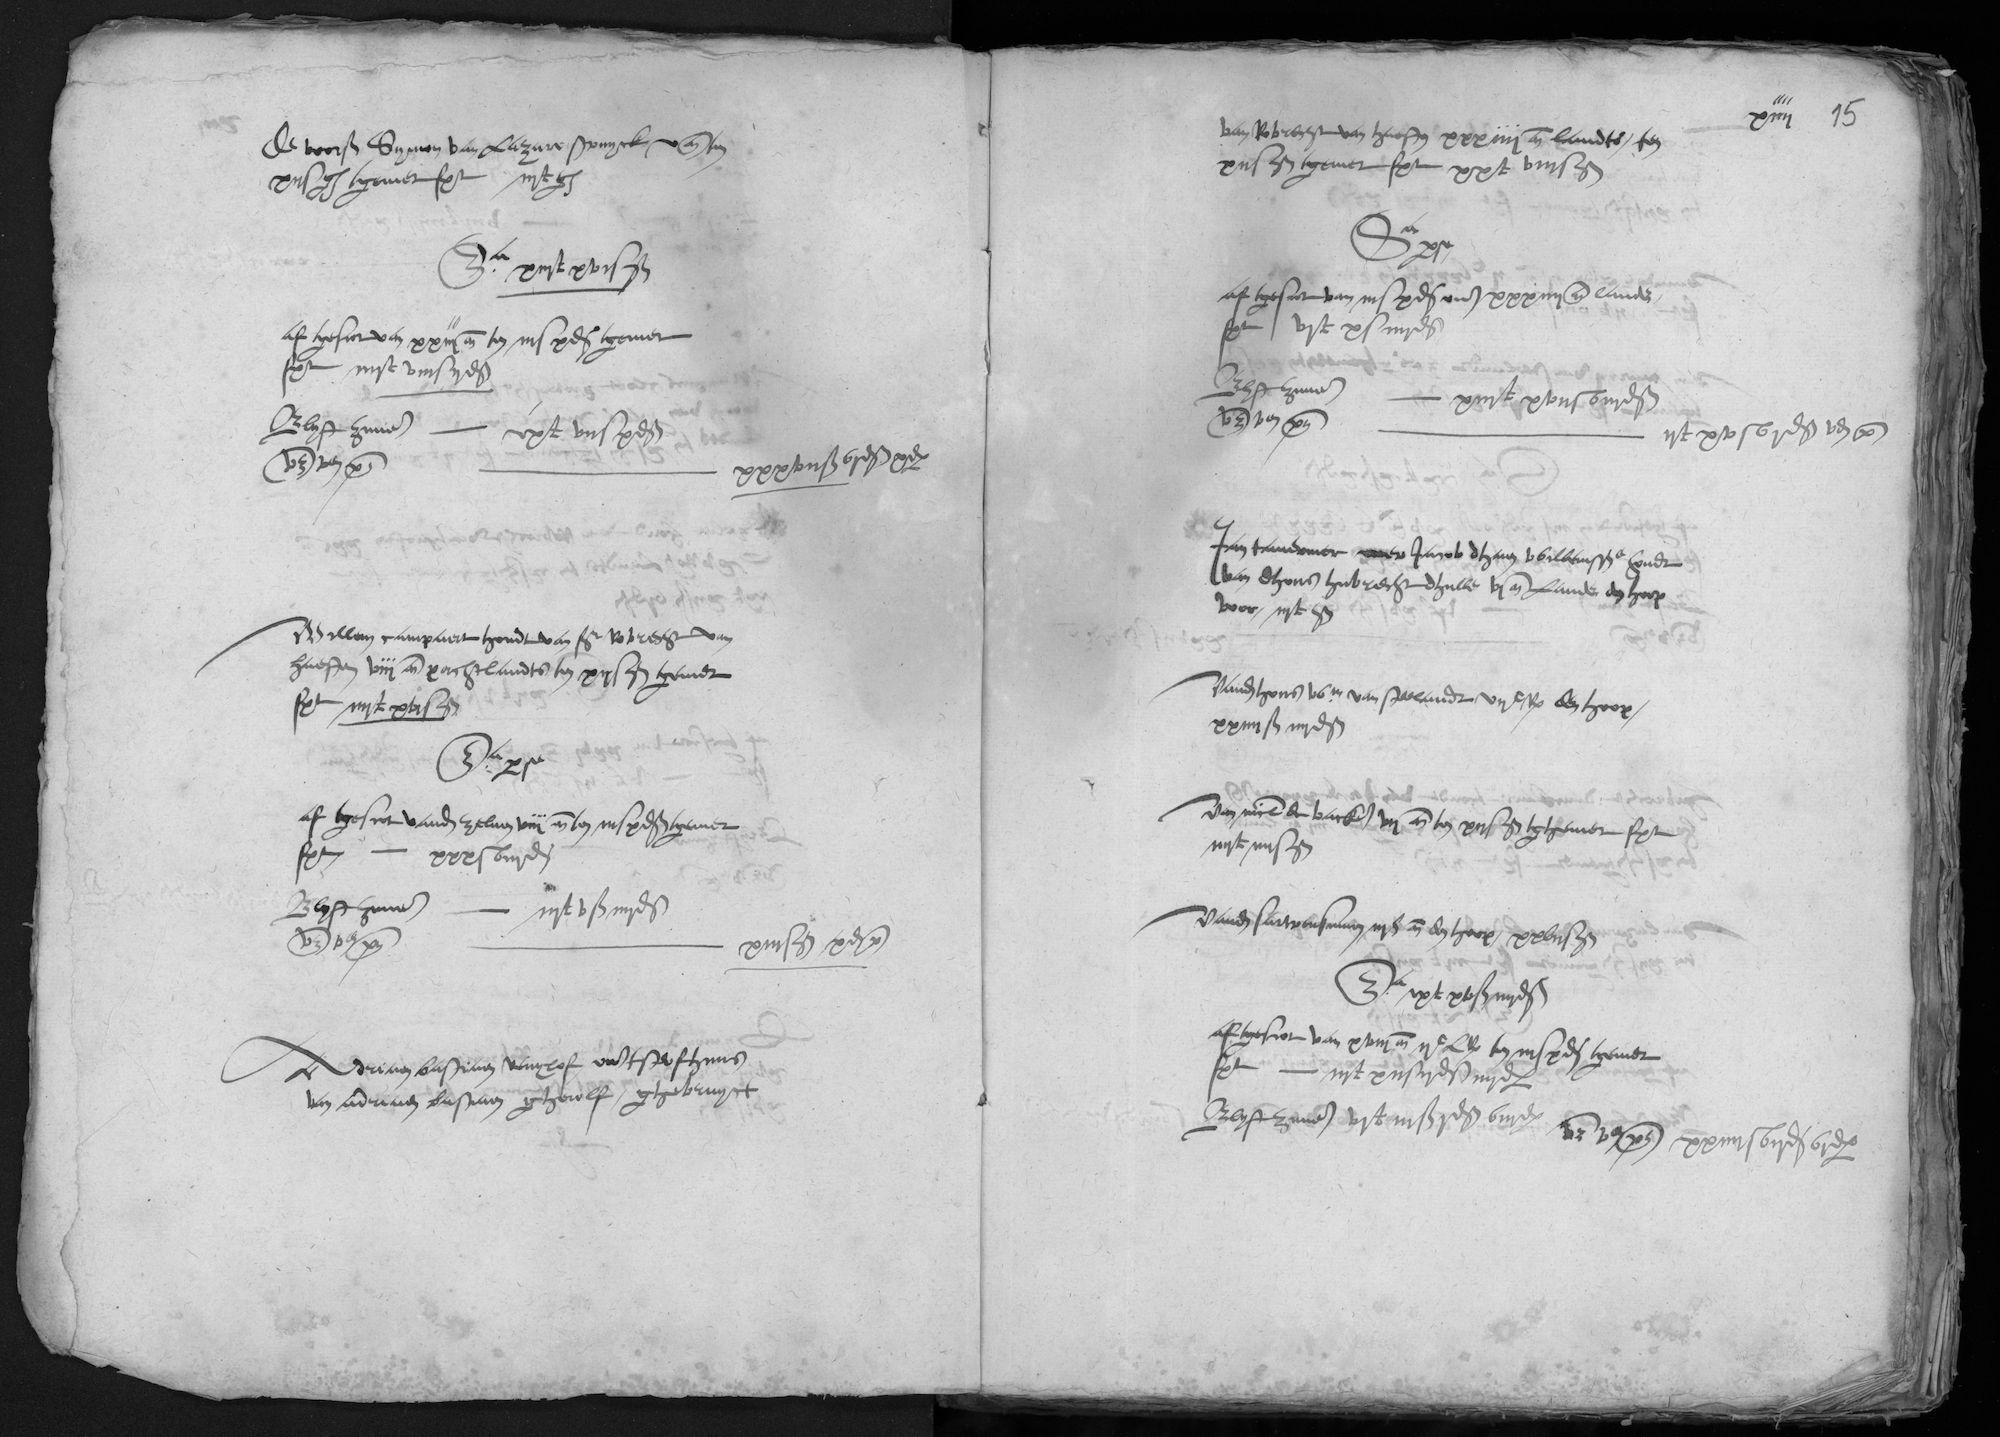 Penningkohier van Saaftinge, 1580